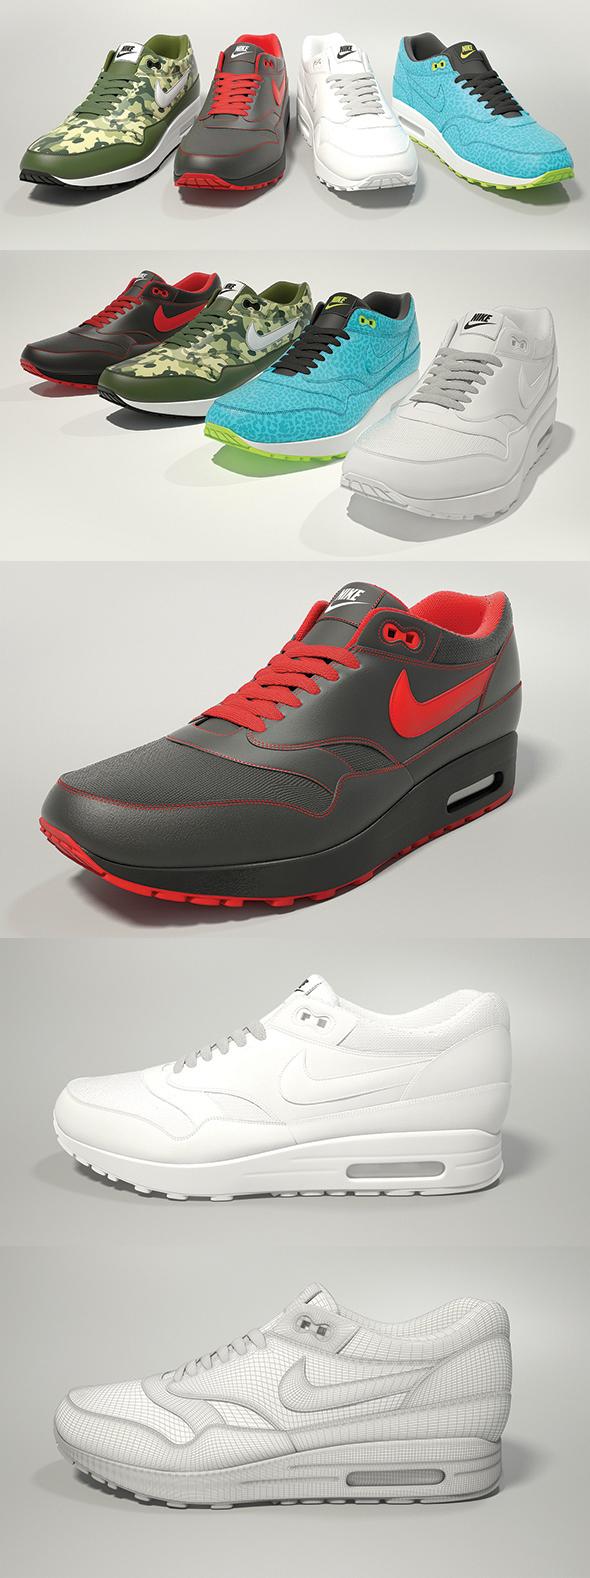 Nike Air Max 1 3D model - 3DOcean Item for Sale